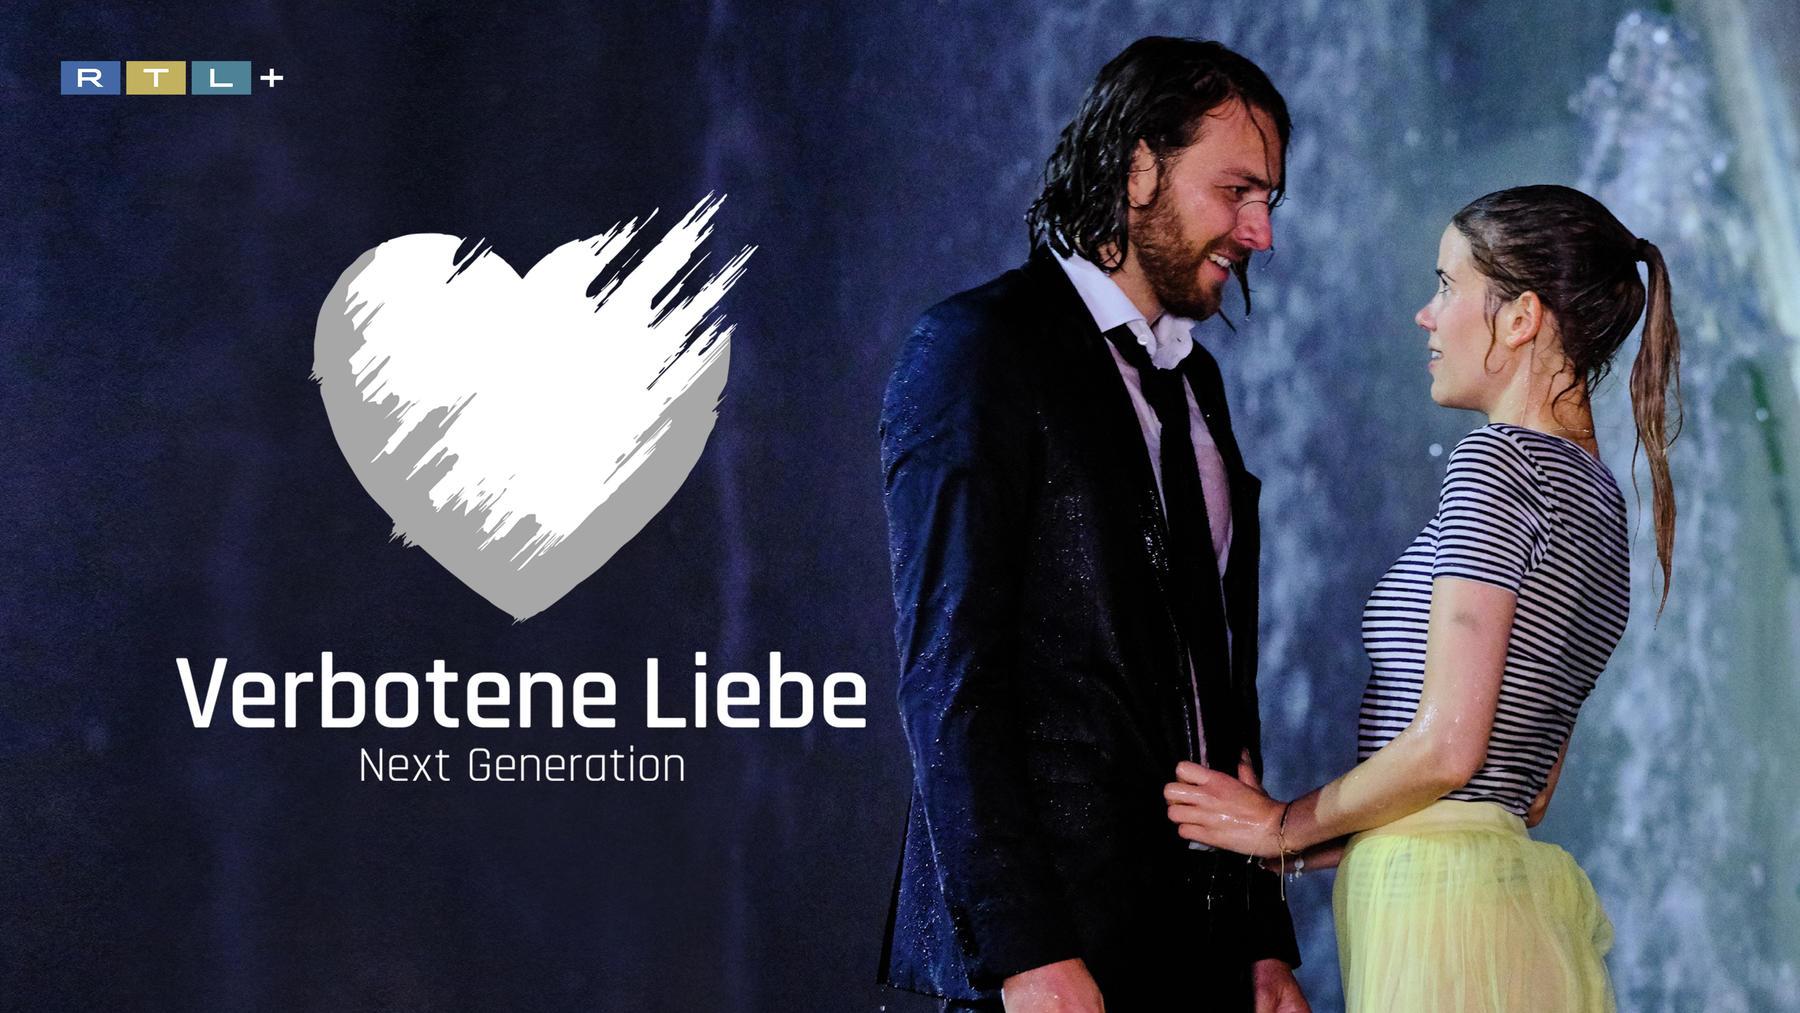 Verbotene Liebe - Next Generation